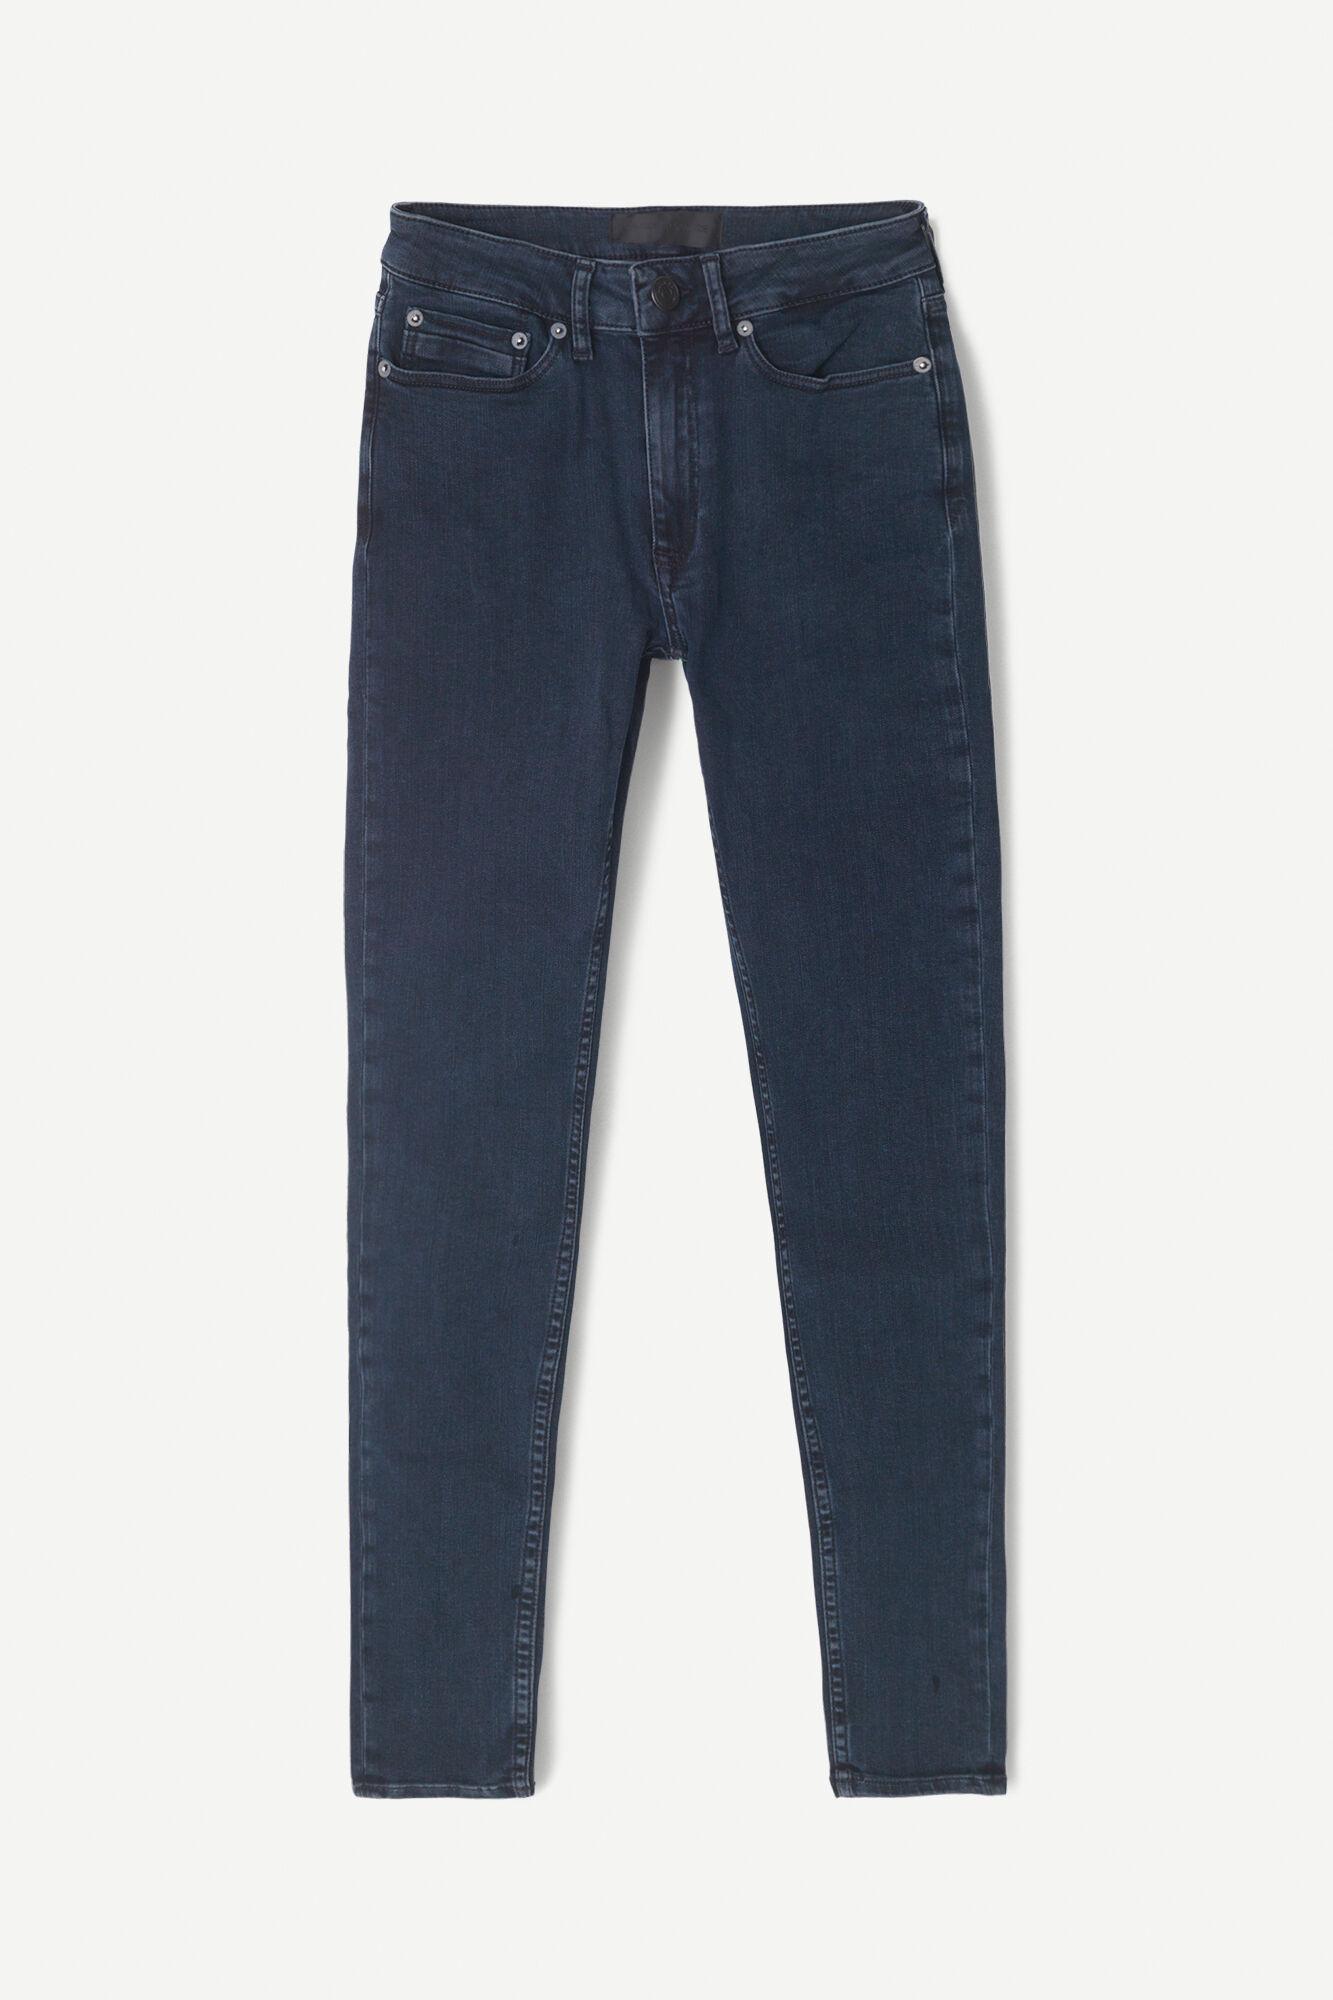 Alice jeans 11501, DARK BLUE